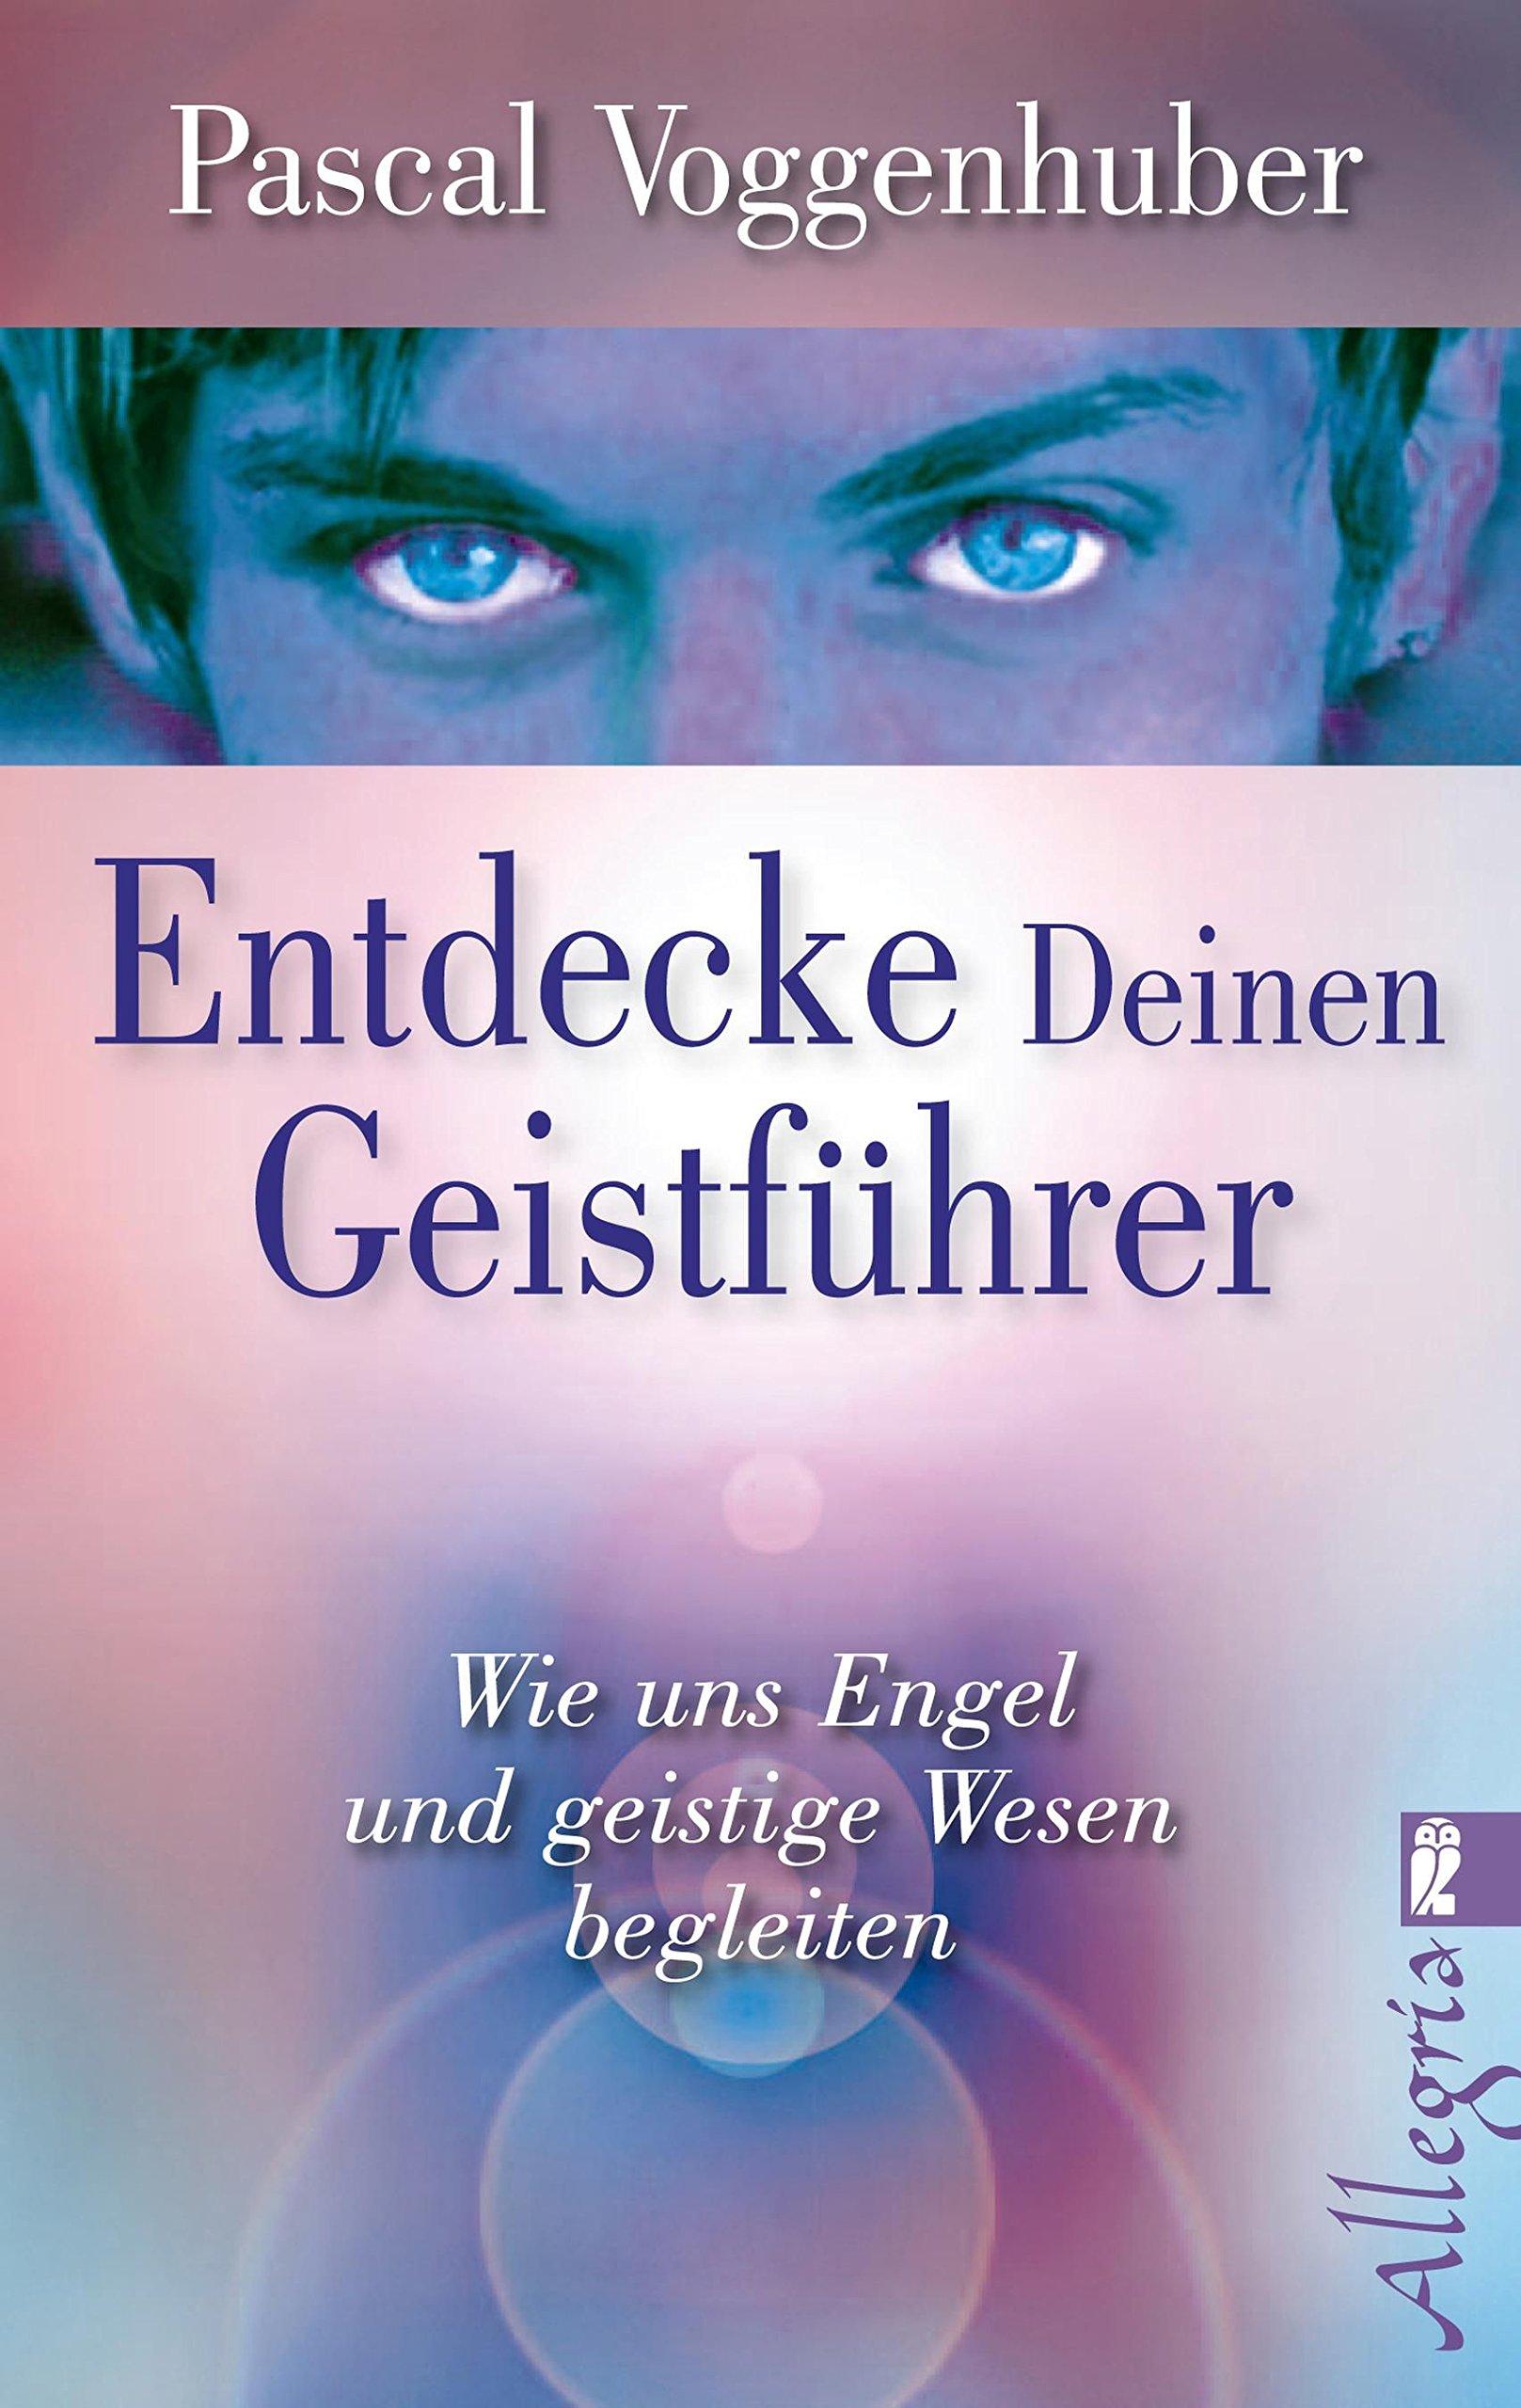 Entdecke deinen Geistführer: Wie uns Engel und geistige Wesen begleiten Taschenbuch – 16. April 2012 Pascal Voggenhuber Ullstein 3548745482 Esoterik